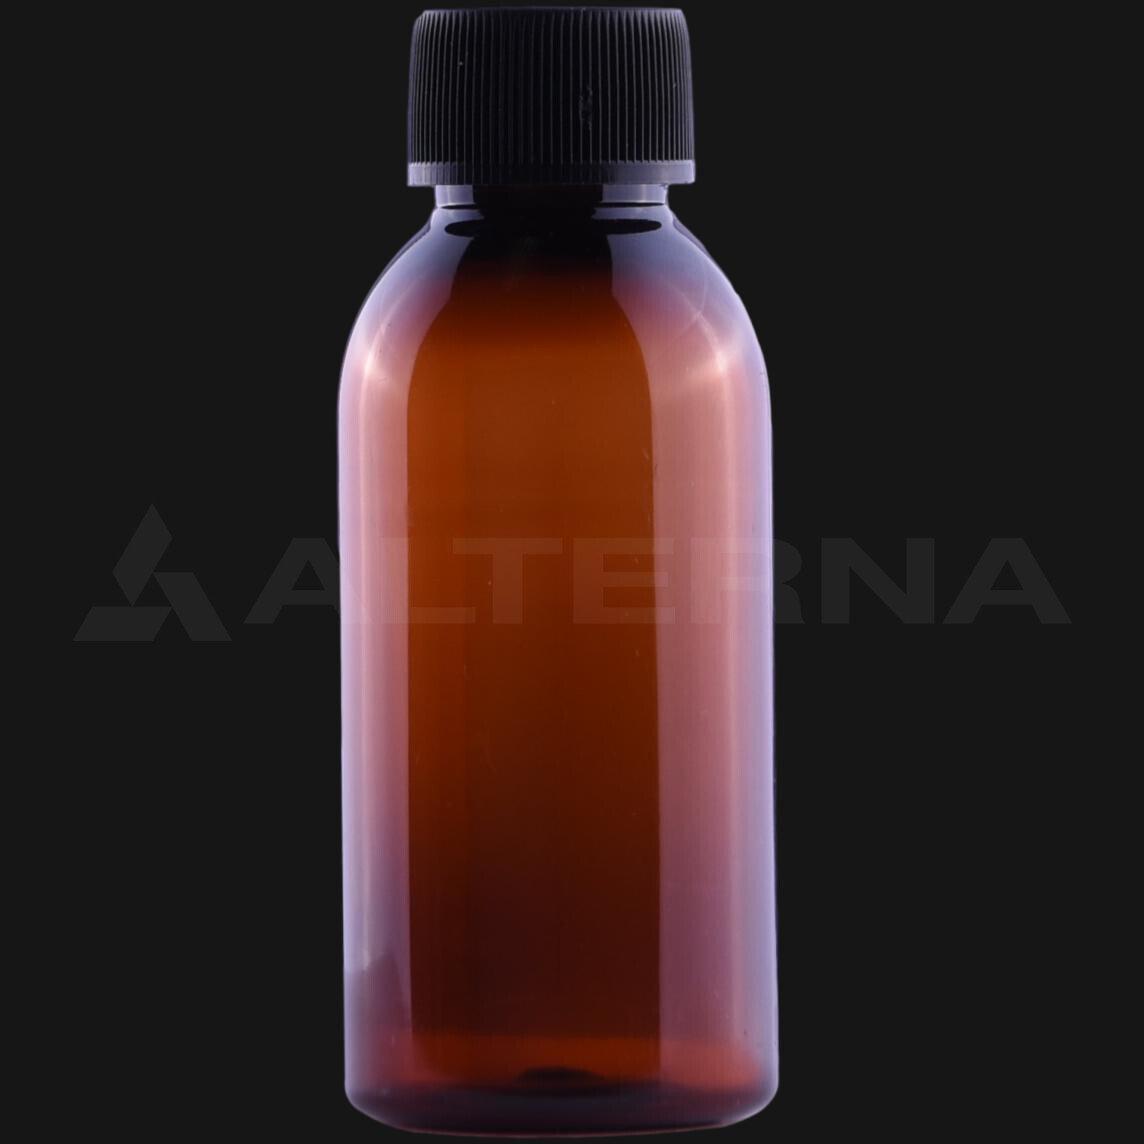 100 ml PET Bottle with 24 mm Foam Seal Cap